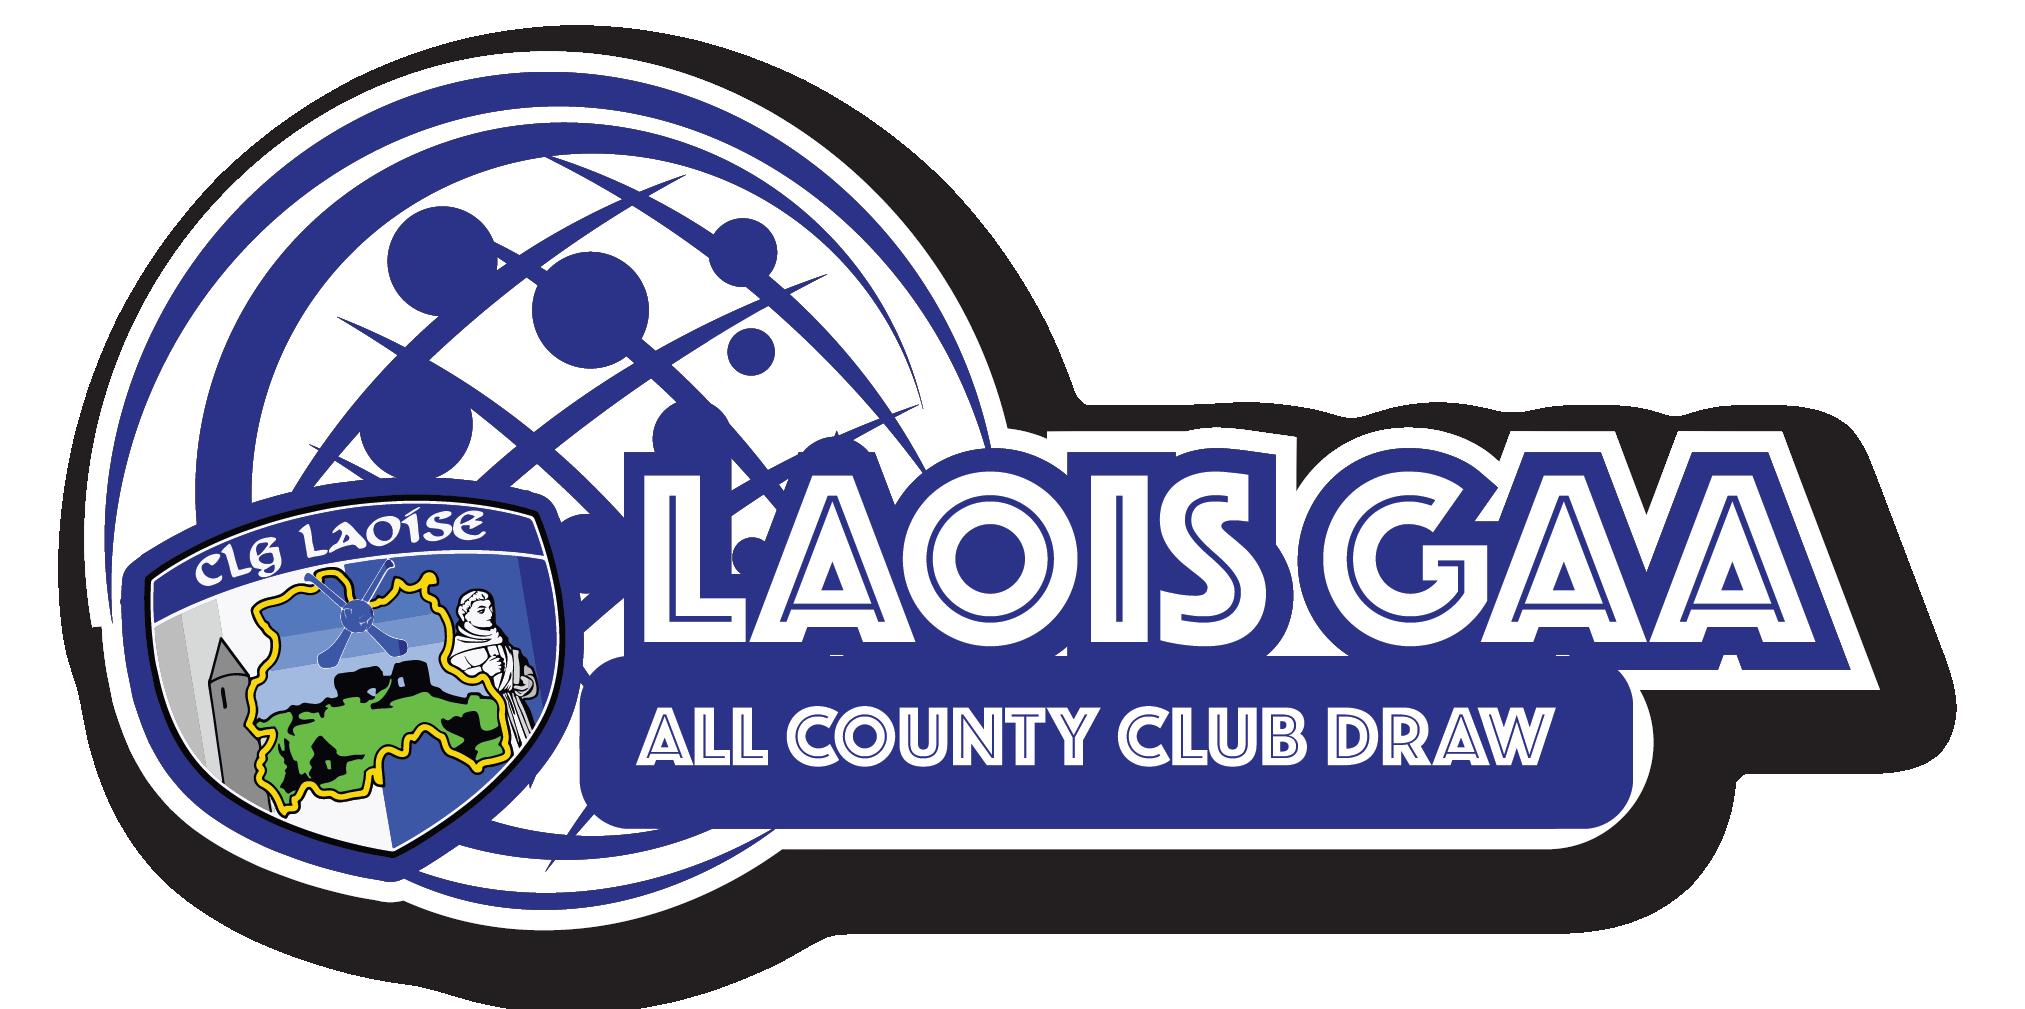 Laois GAA All County Club Draw